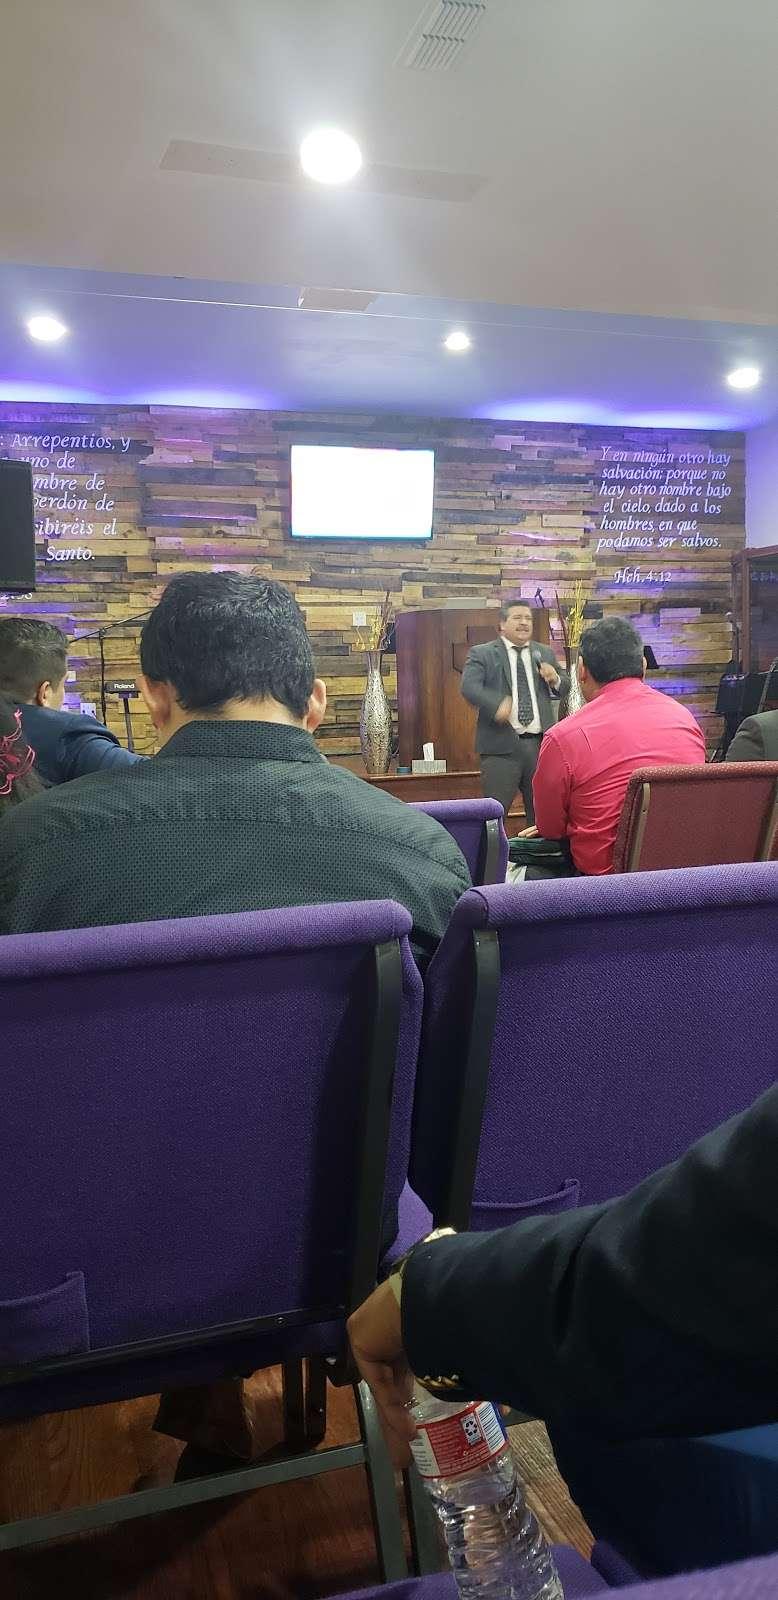 2a Iglesia Apostolica de la Fe en Cristo Jesus Dallas Tx - church  | Photo 4 of 6 | Address: 527 Cumberland St, Dallas, TX 75203, USA | Phone: (970) 388-4085